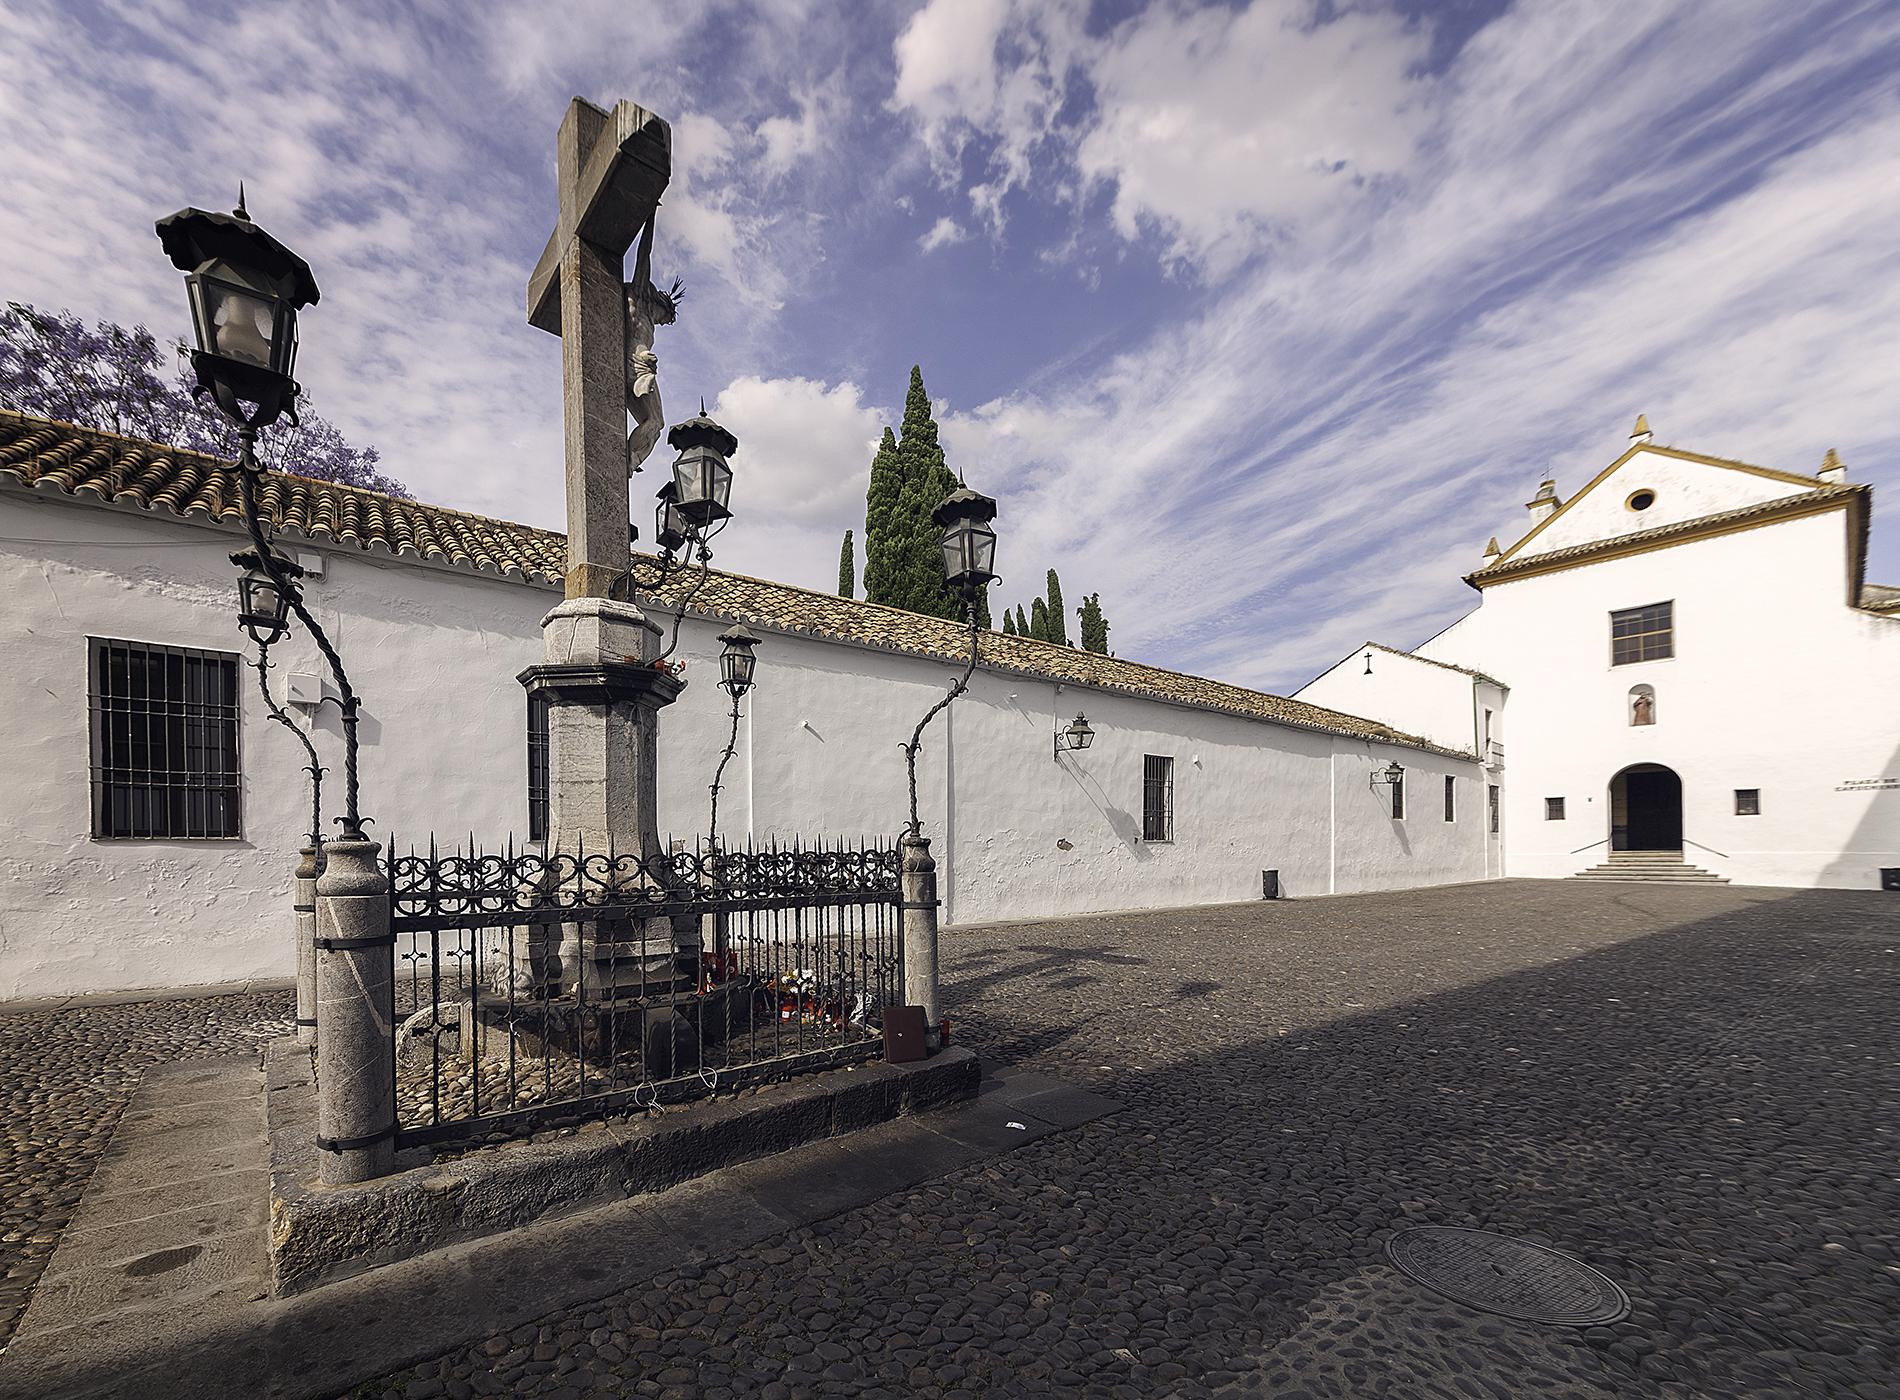 Qué ver en Córdoba - Plaza de Capuchinos | Foto: Satur Pérez | Dreamstime.com